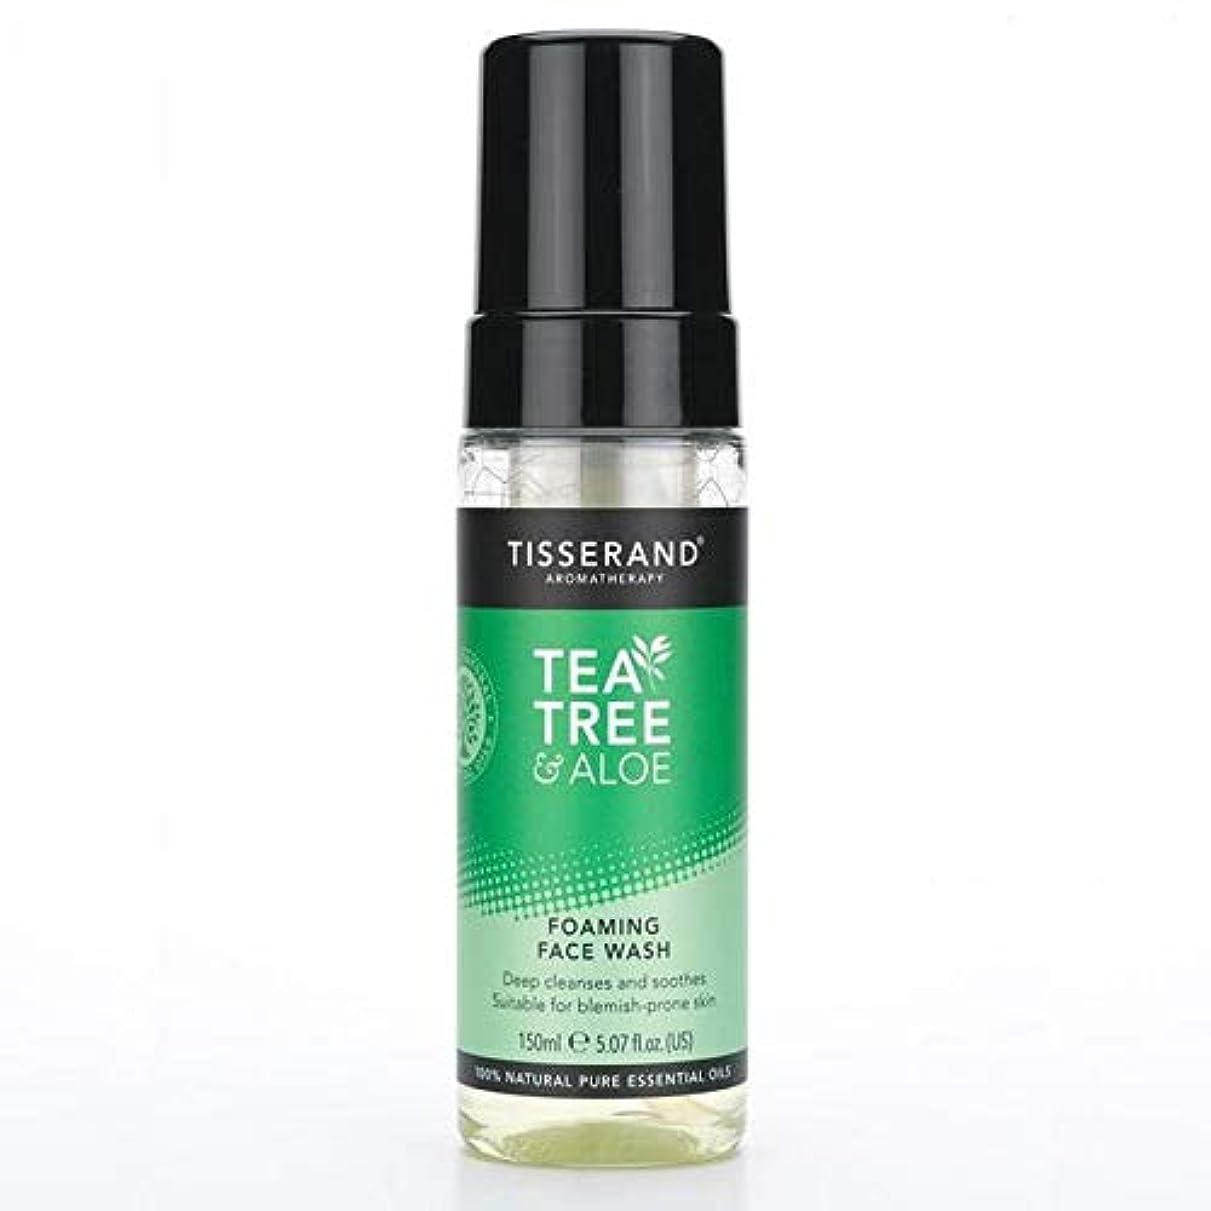 カタログ困惑した裏切る[Tisserand] 洗顔料の150ミリリットルを発泡ティスランドティーツリー&アロエ - Tisserand Tea Tree & Aloe Foaming Face Wash 150ml [並行輸入品]